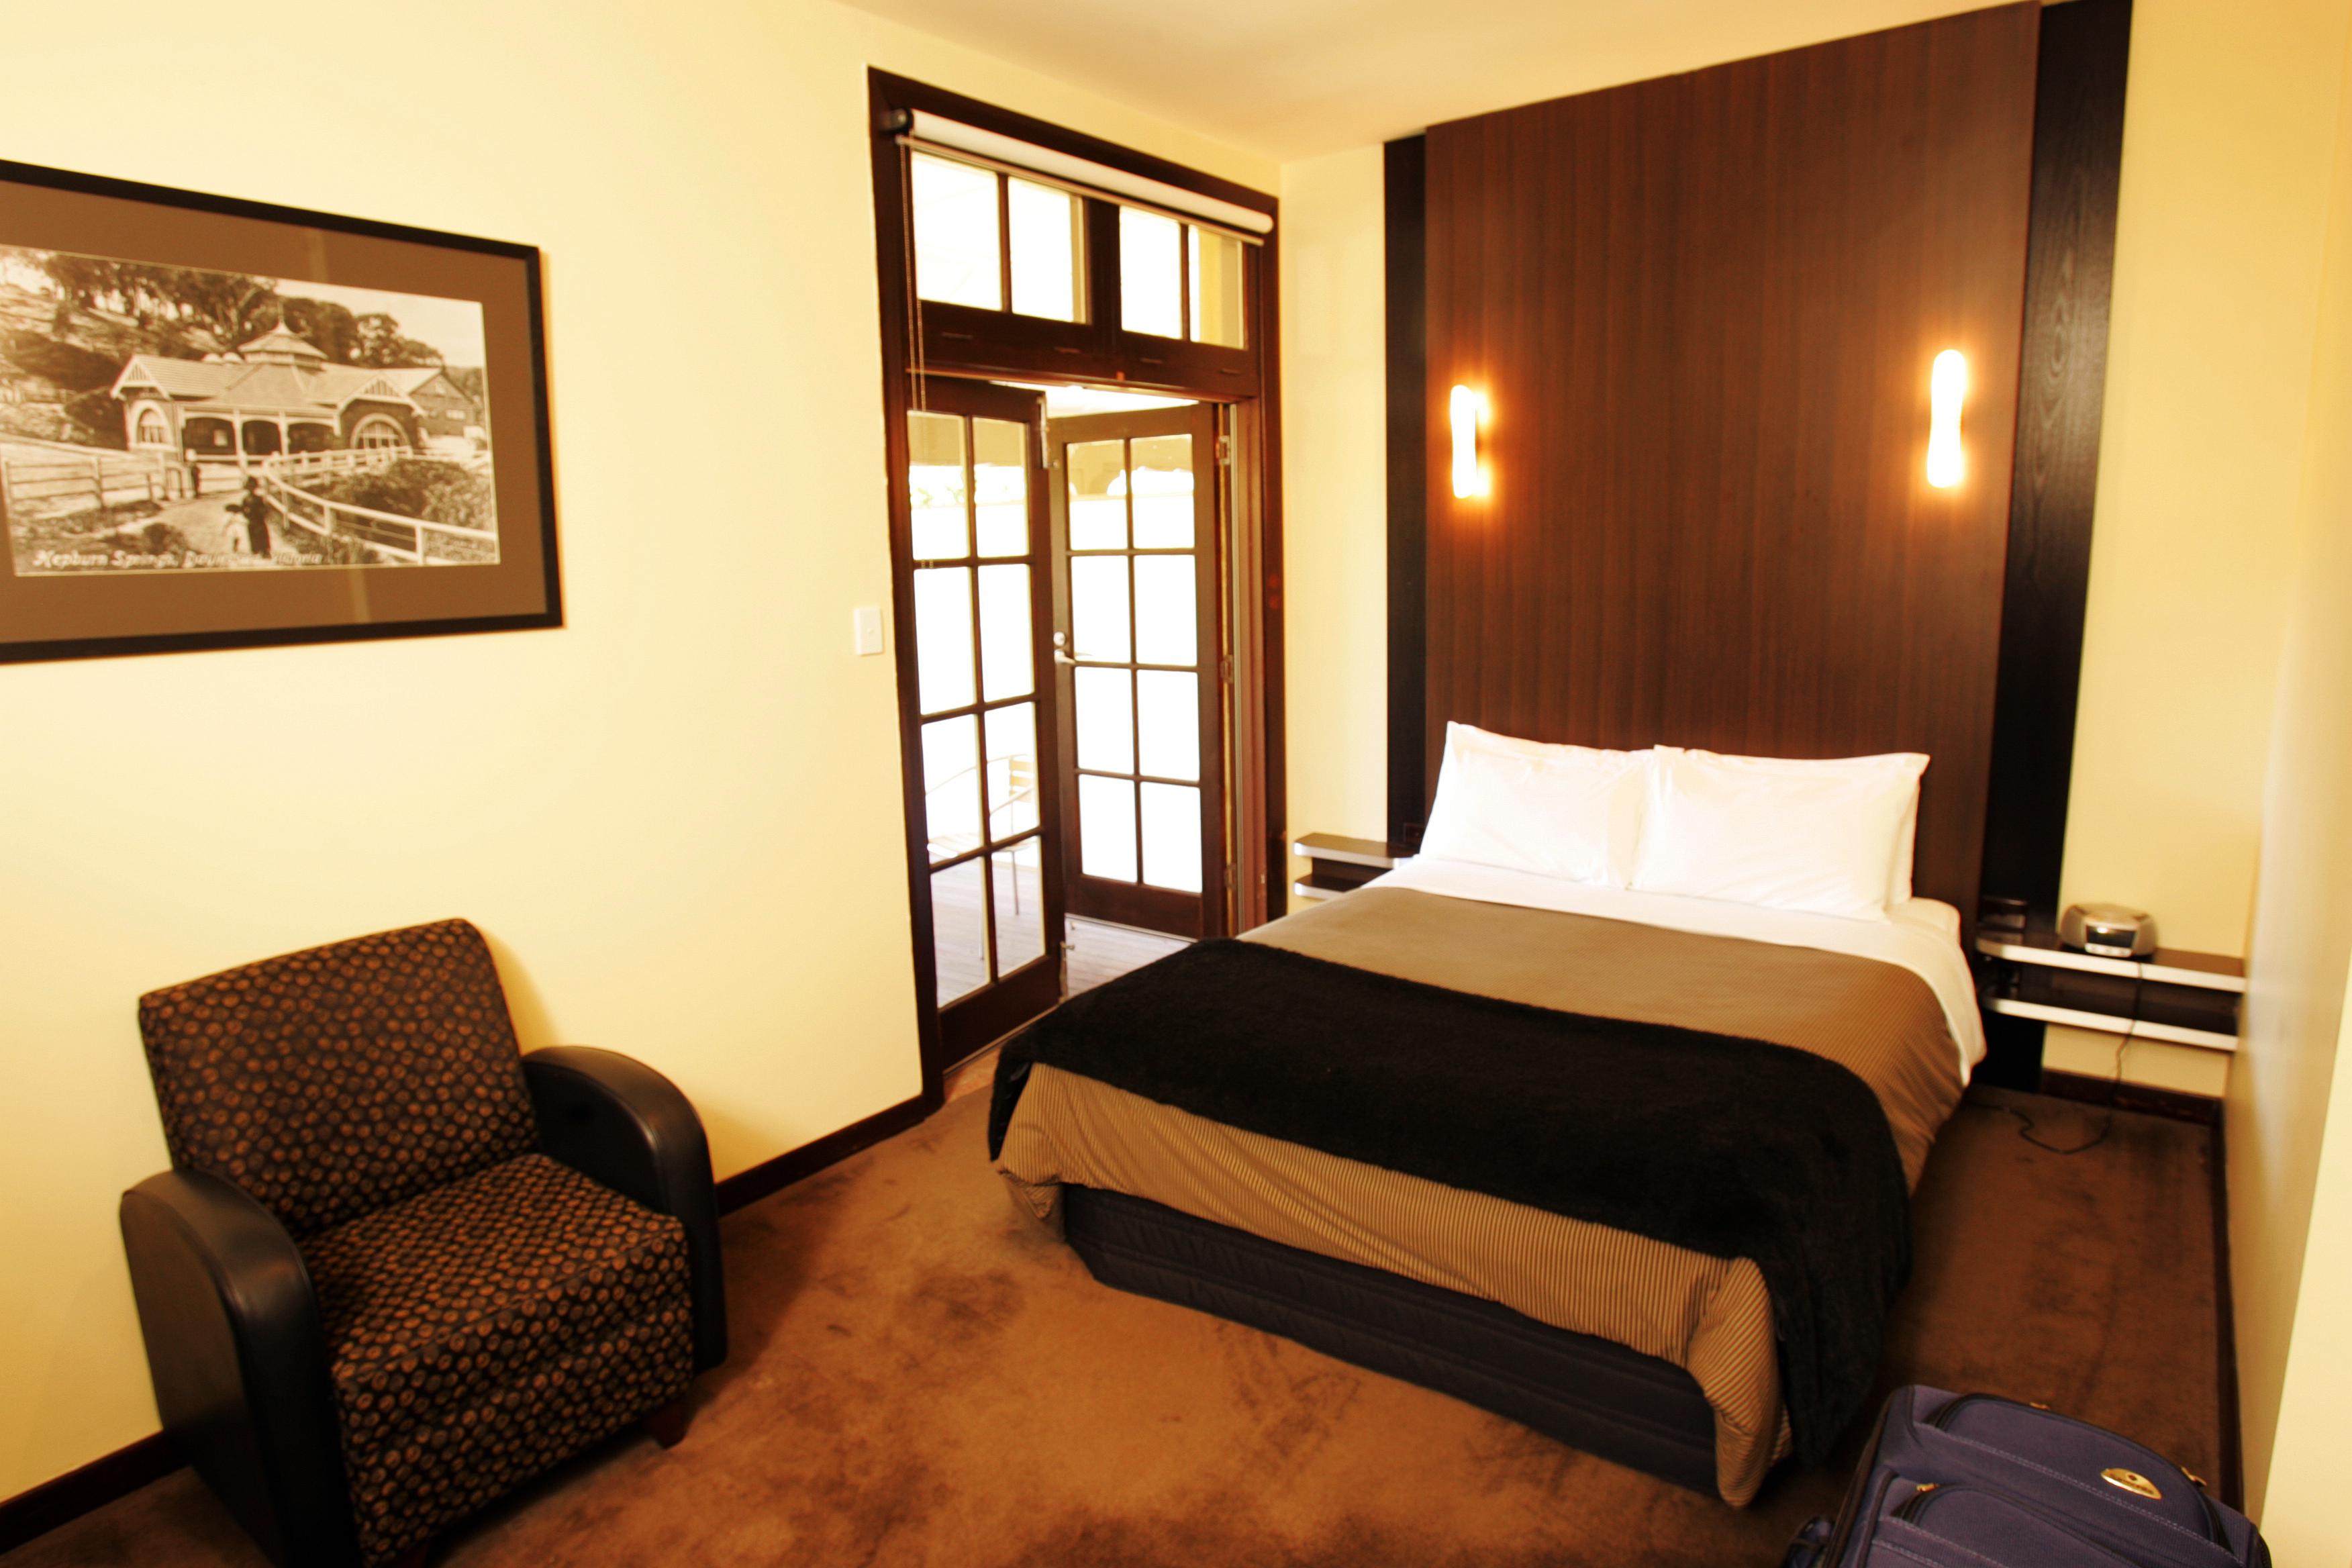 Springs Hotel Rooms